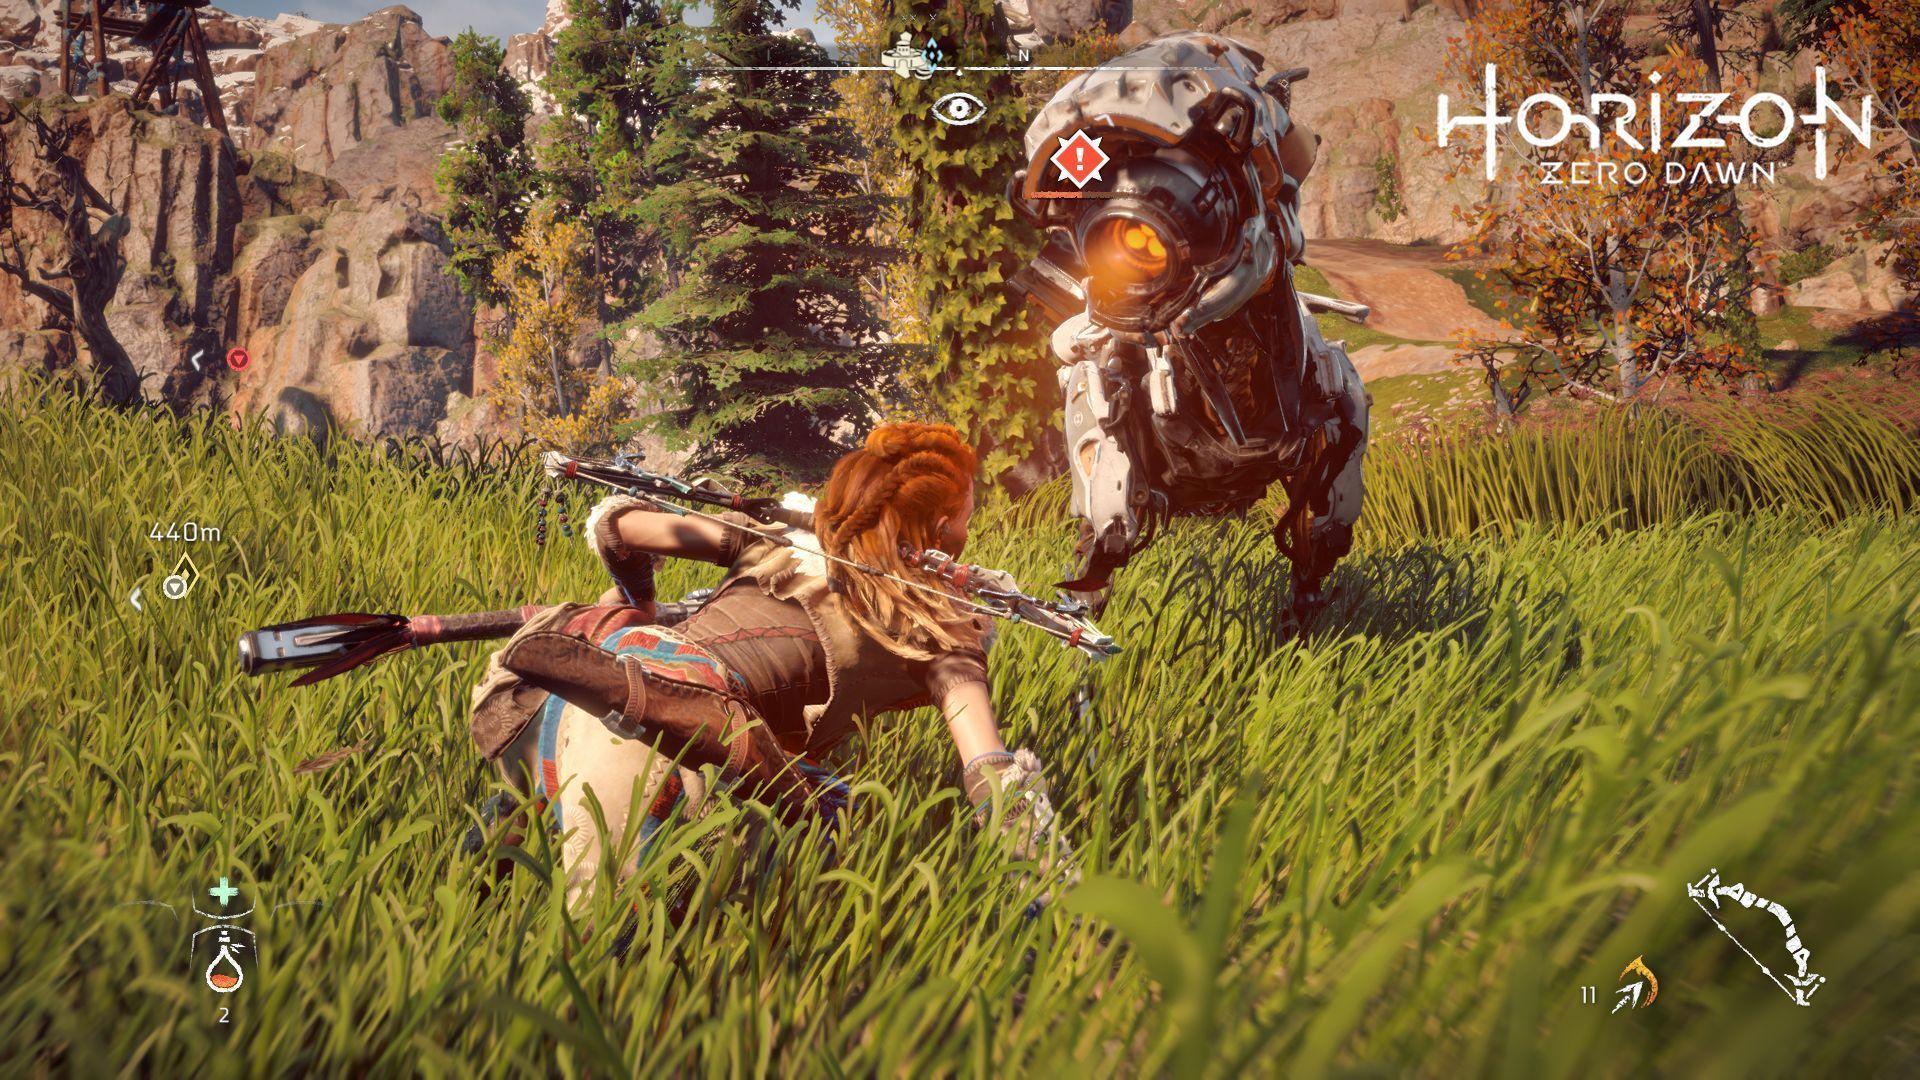 Horizon Zero Dawn PlayStation 4 HorizonZeroDawn